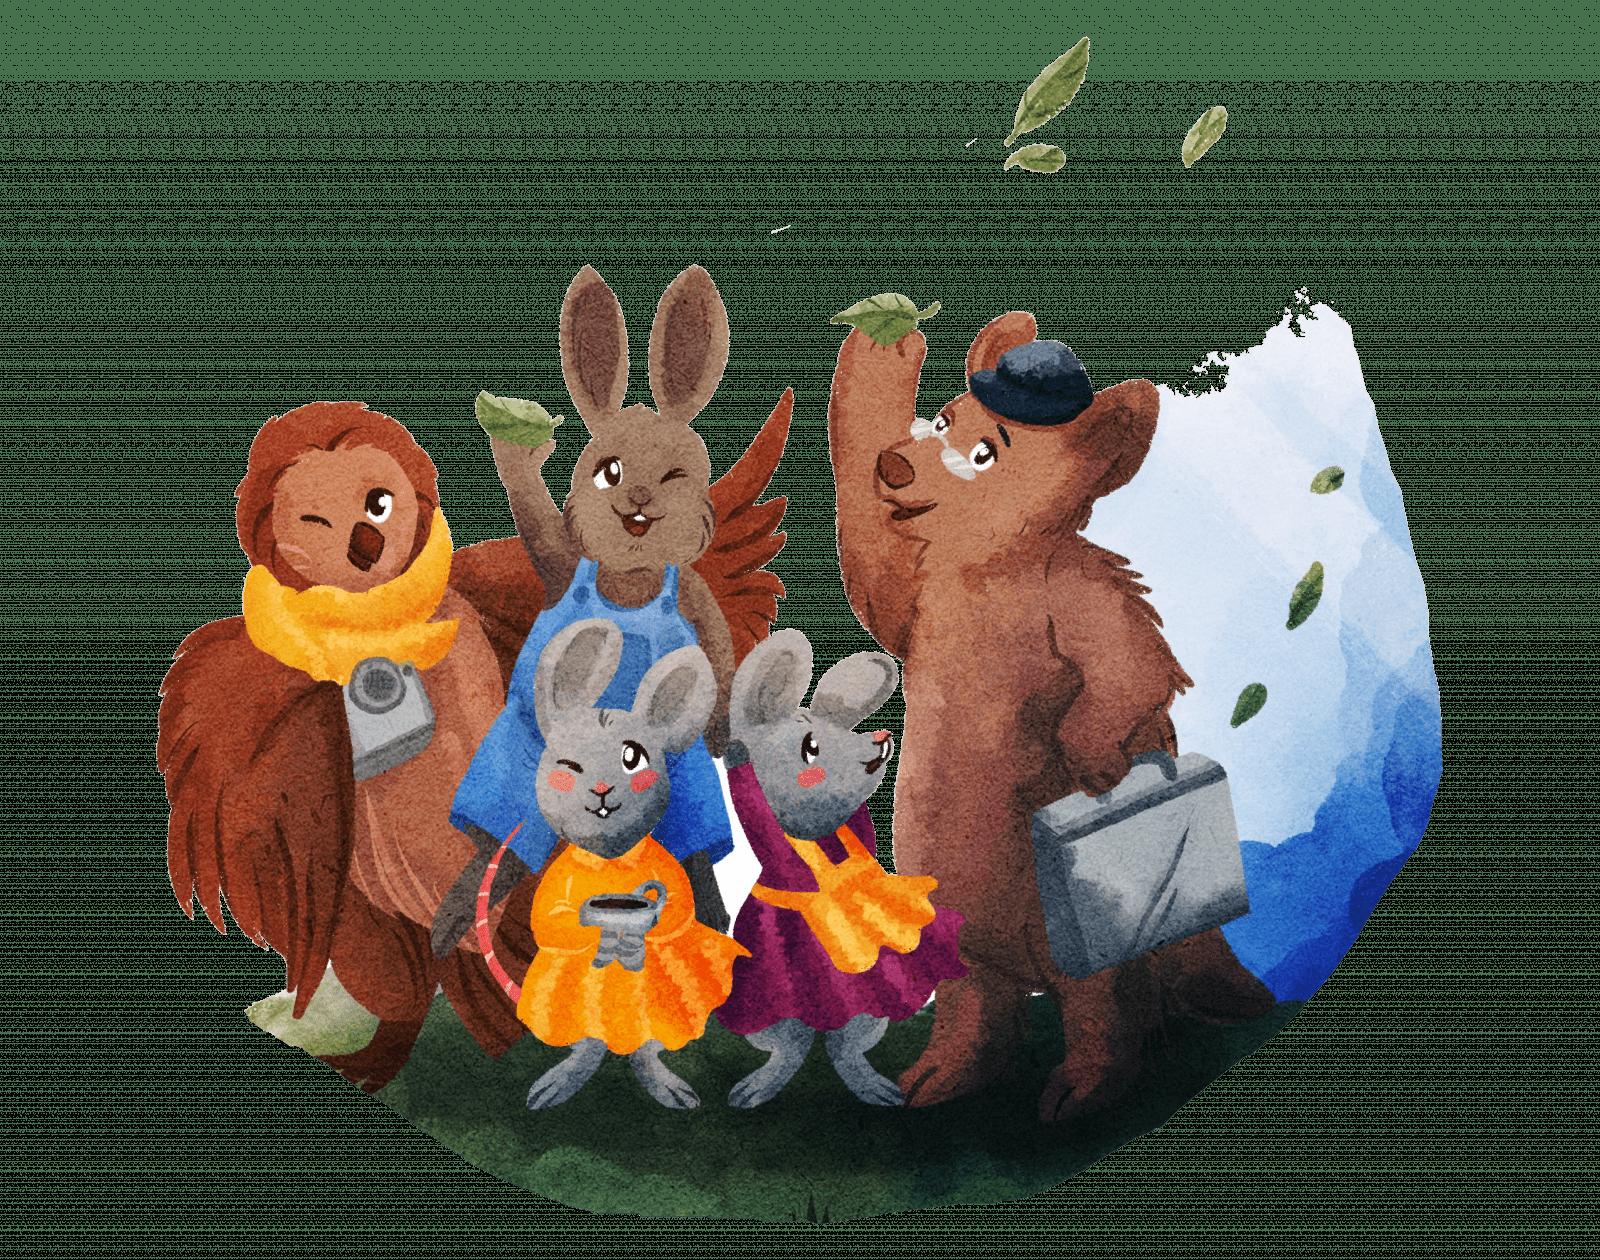 Children's book with animals